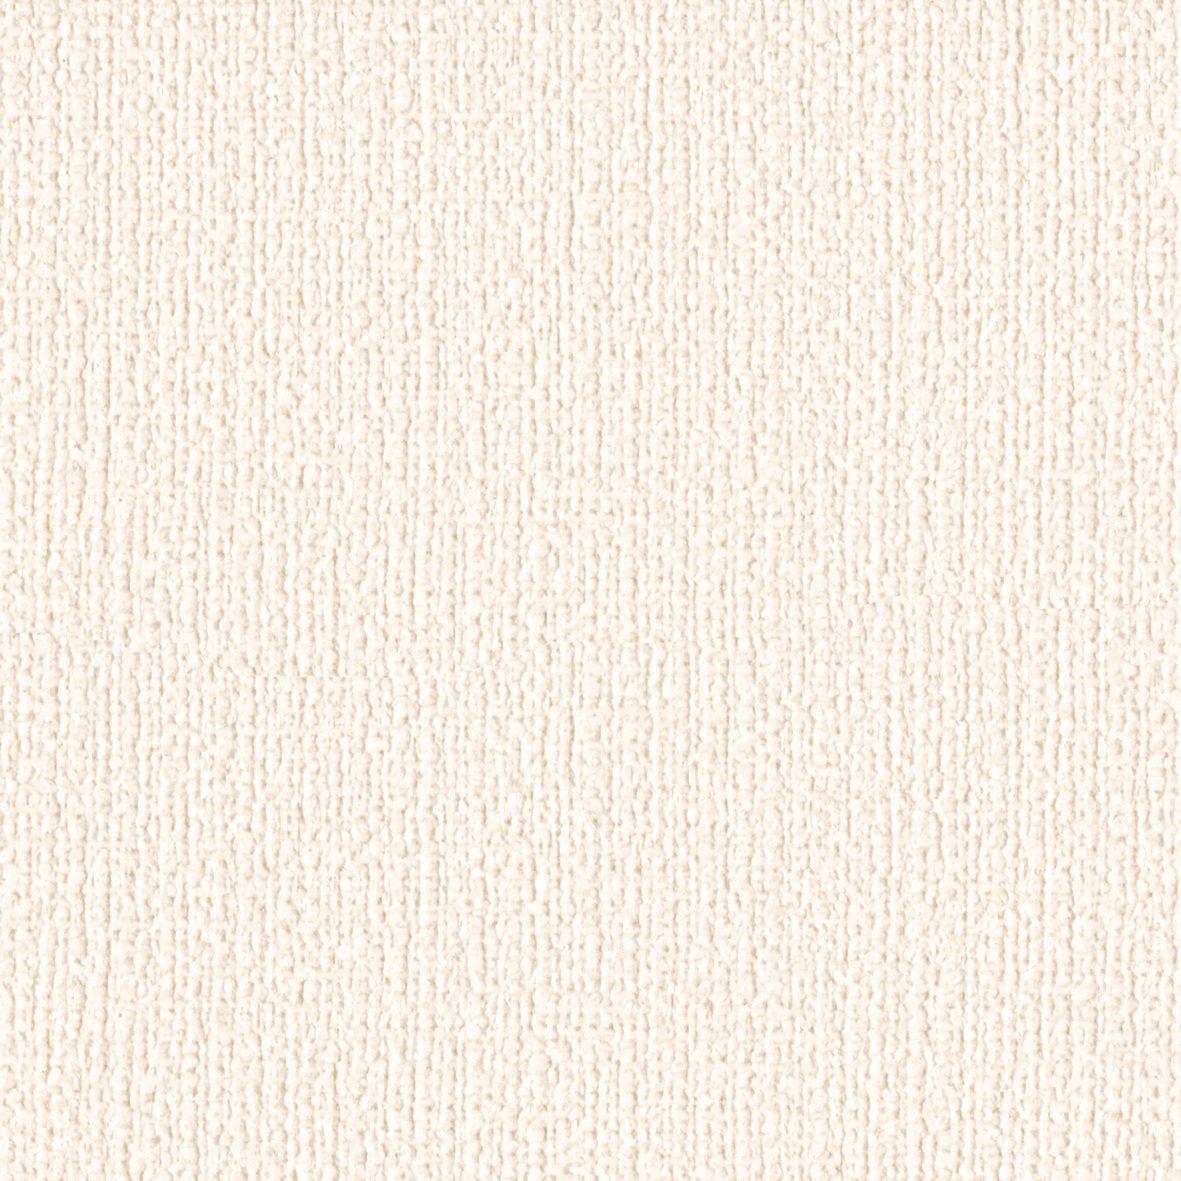 リリカラ 壁紙44m シンフル 織物調 ベージュ 織物調 LB-9003 B01IHQXBEA 44m|ベージュ1